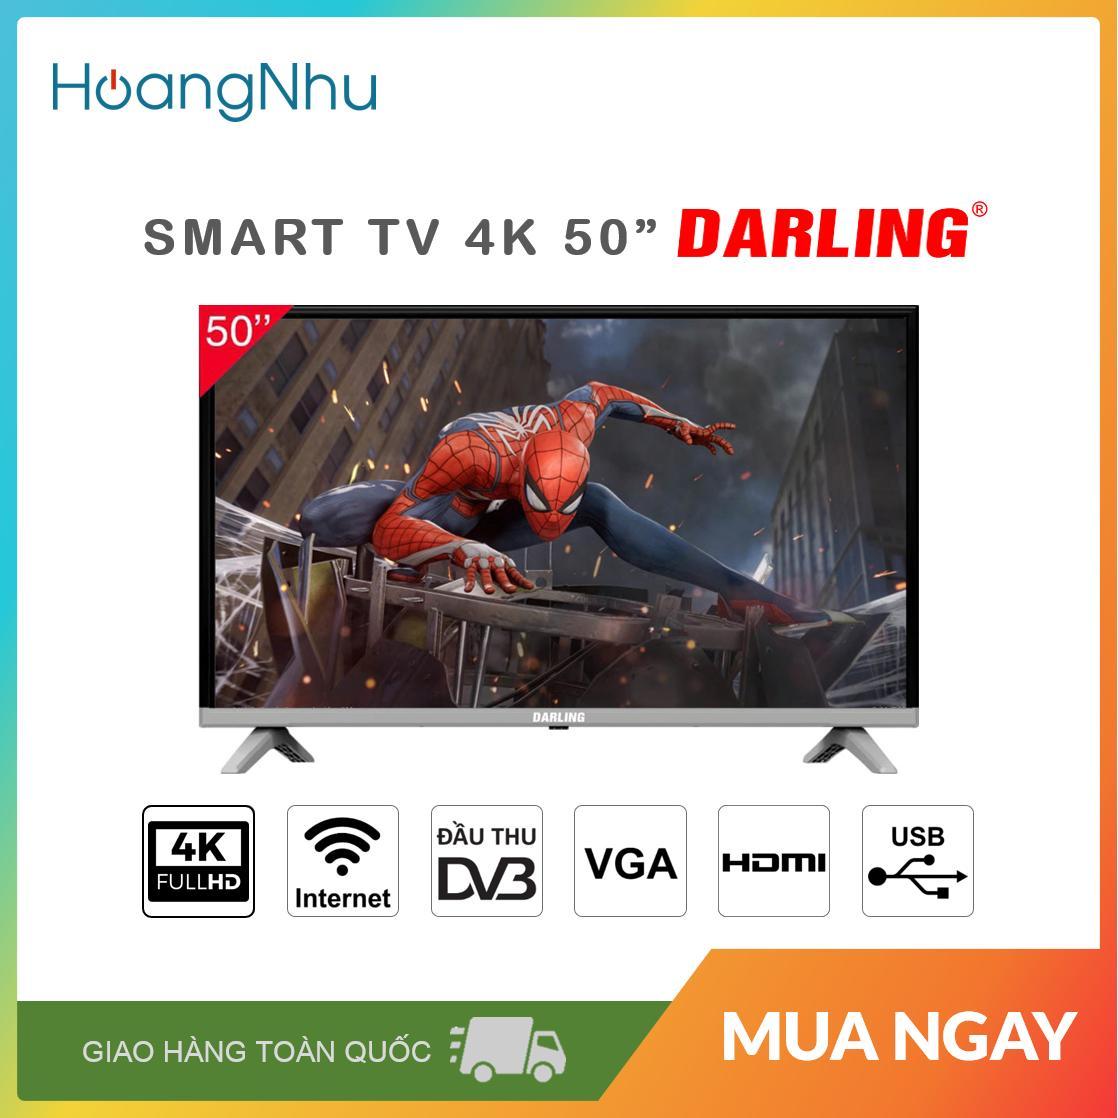 Bảng giá Smart TV 4K Darling 50 inch 50UH960S (Màn hình UHD 4K, Android 7.0, Wifi, Truyền hình KTS) - Bảo hành toàn quốc 2 năm